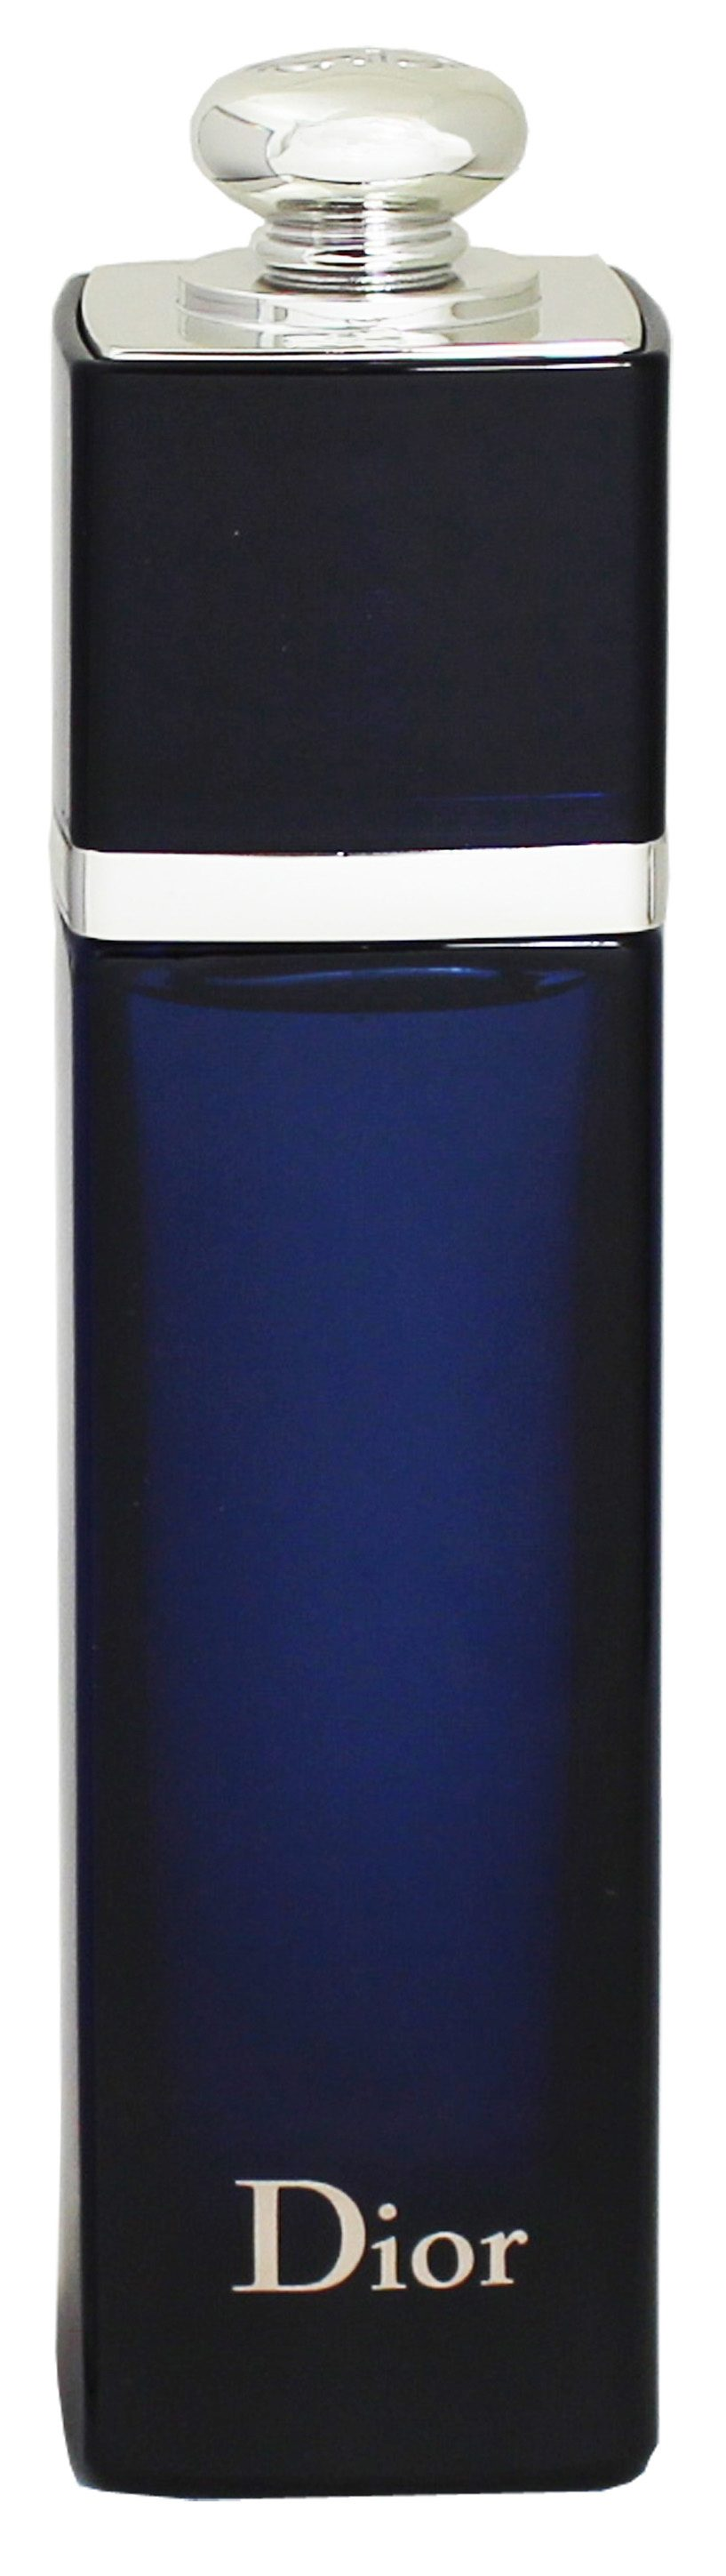 Dior, »Addict«, Eau de Parfum